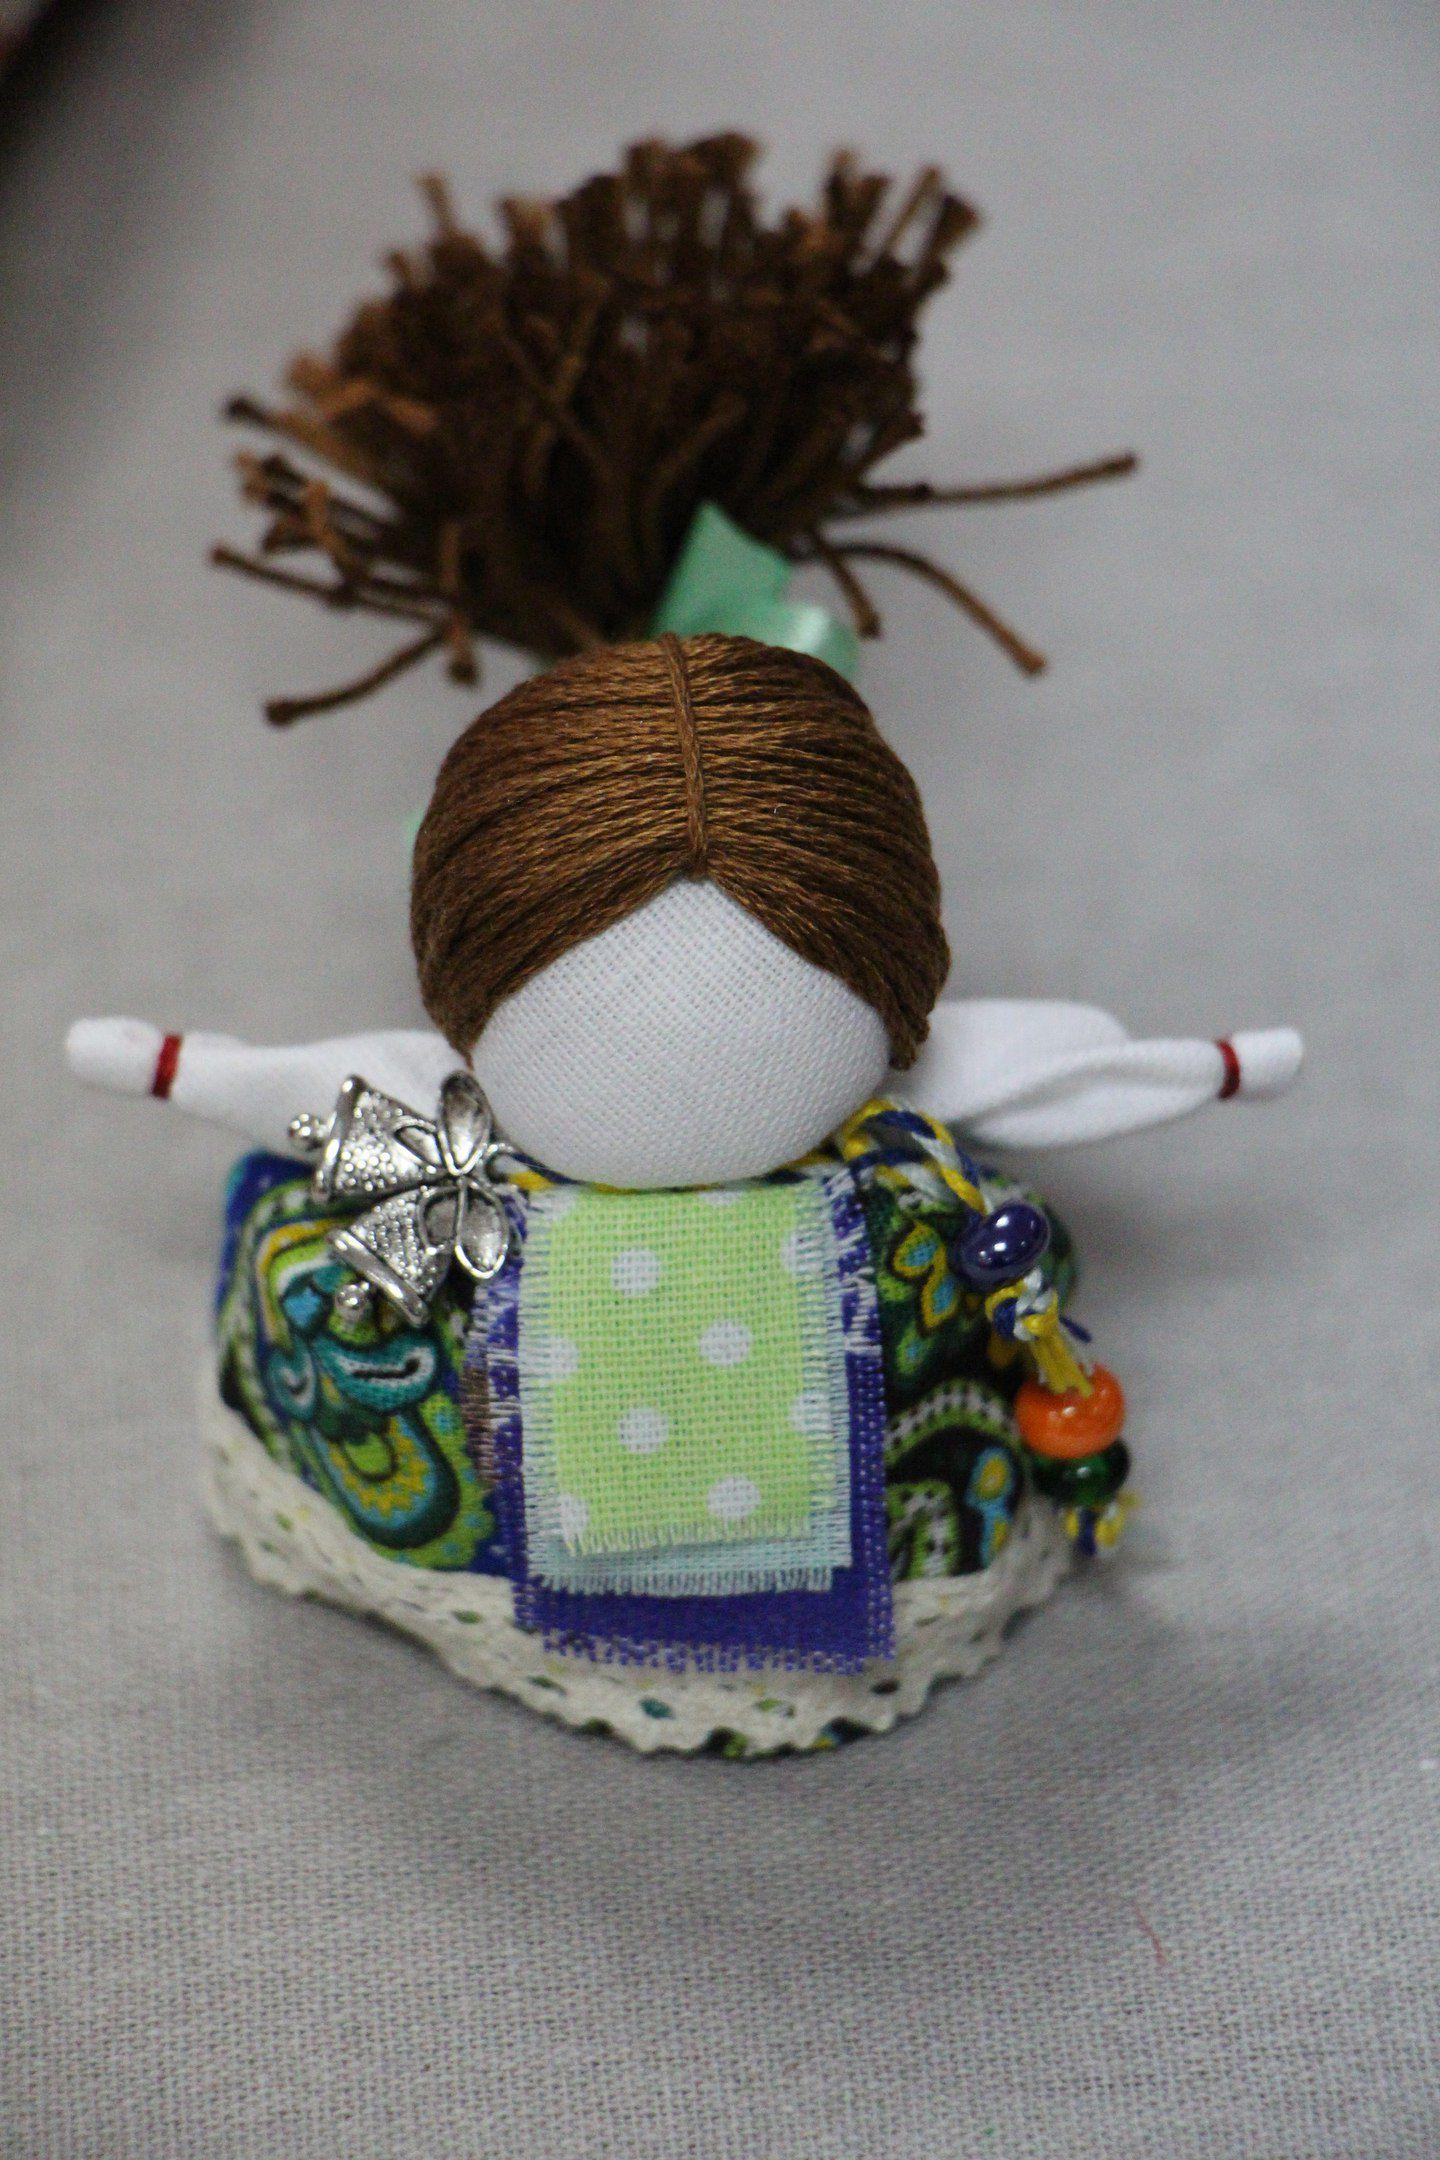 народныекуклы обережныекуклы насчастье женскоесчастье оберегдляженщины кукламотанка кукласчастьяфото кукланасчастьезначение подаркидляженщин обереги маленькаякукла